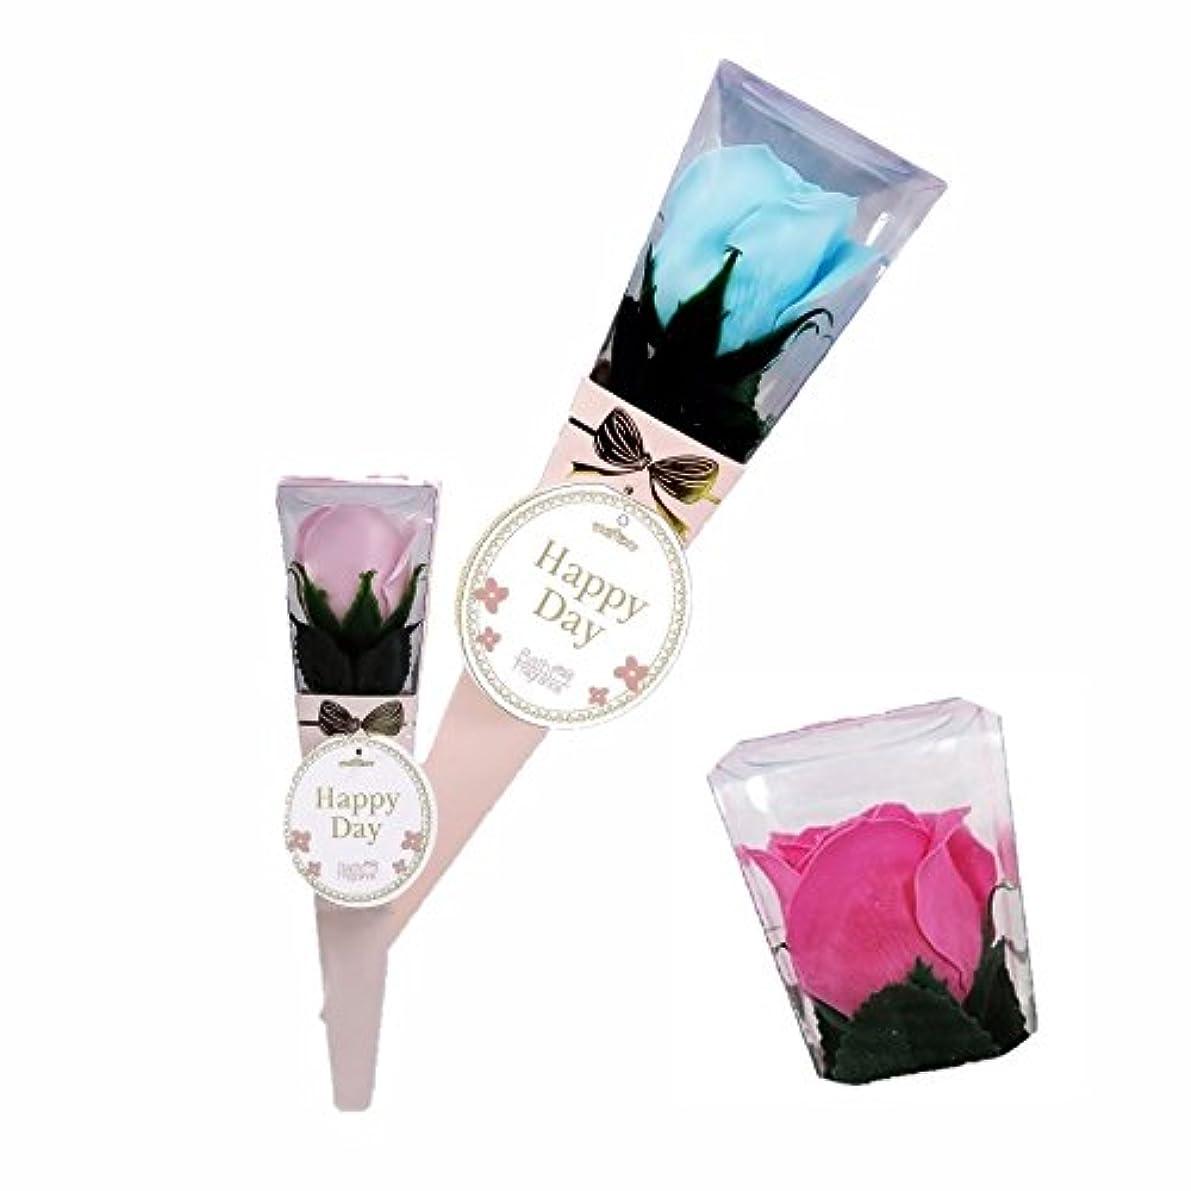 永遠の発動機詩バスフレグランス ミニローズブーケ ローズピンク バスフラワー ギフト お花の形の入浴剤